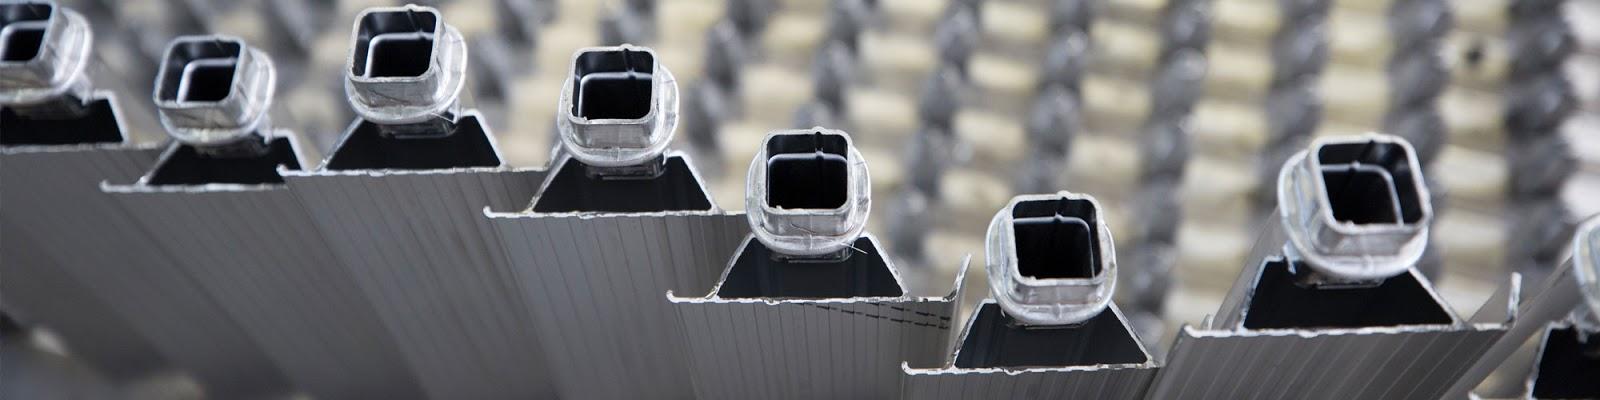 Anlegeleiter | Schibler Metallbauteile